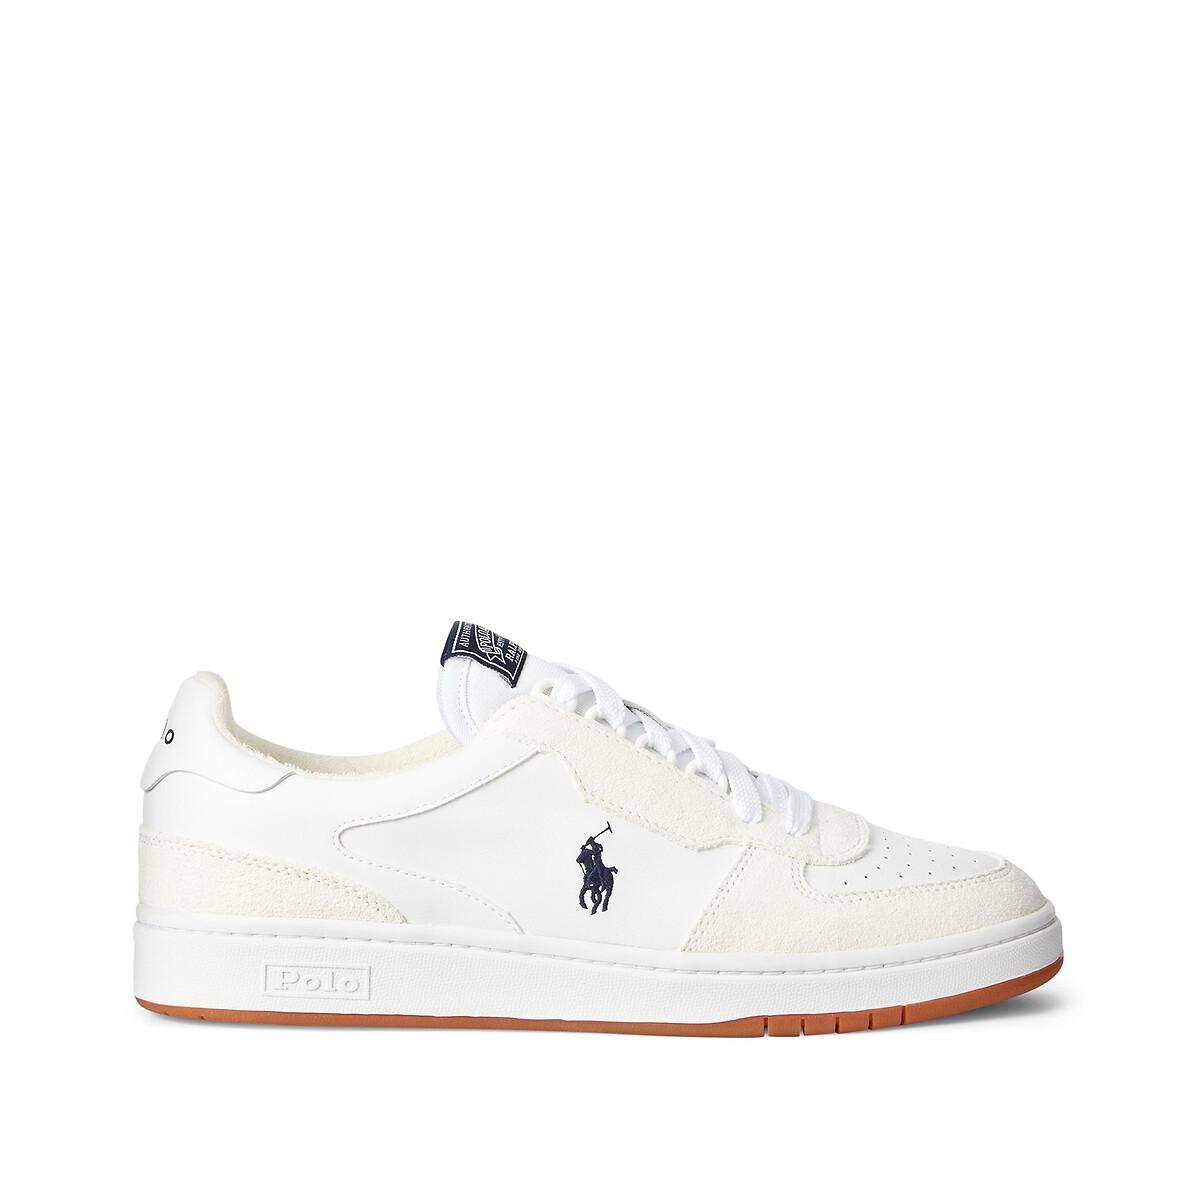 Фото - Кеды La Redoute Crt PP Sneakers Athletic 41 белый bsc25 n0434 flyback fbt crt tv